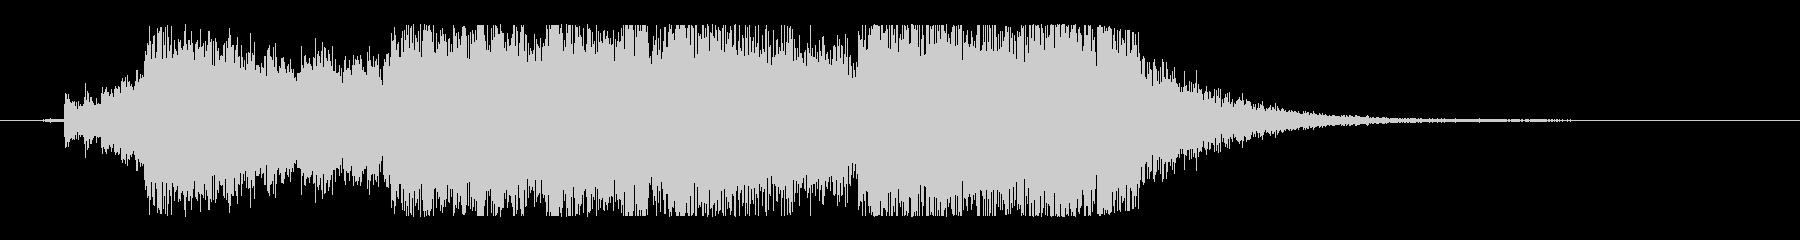 壮大で不気味なハロウィンオーケストラロゴの未再生の波形